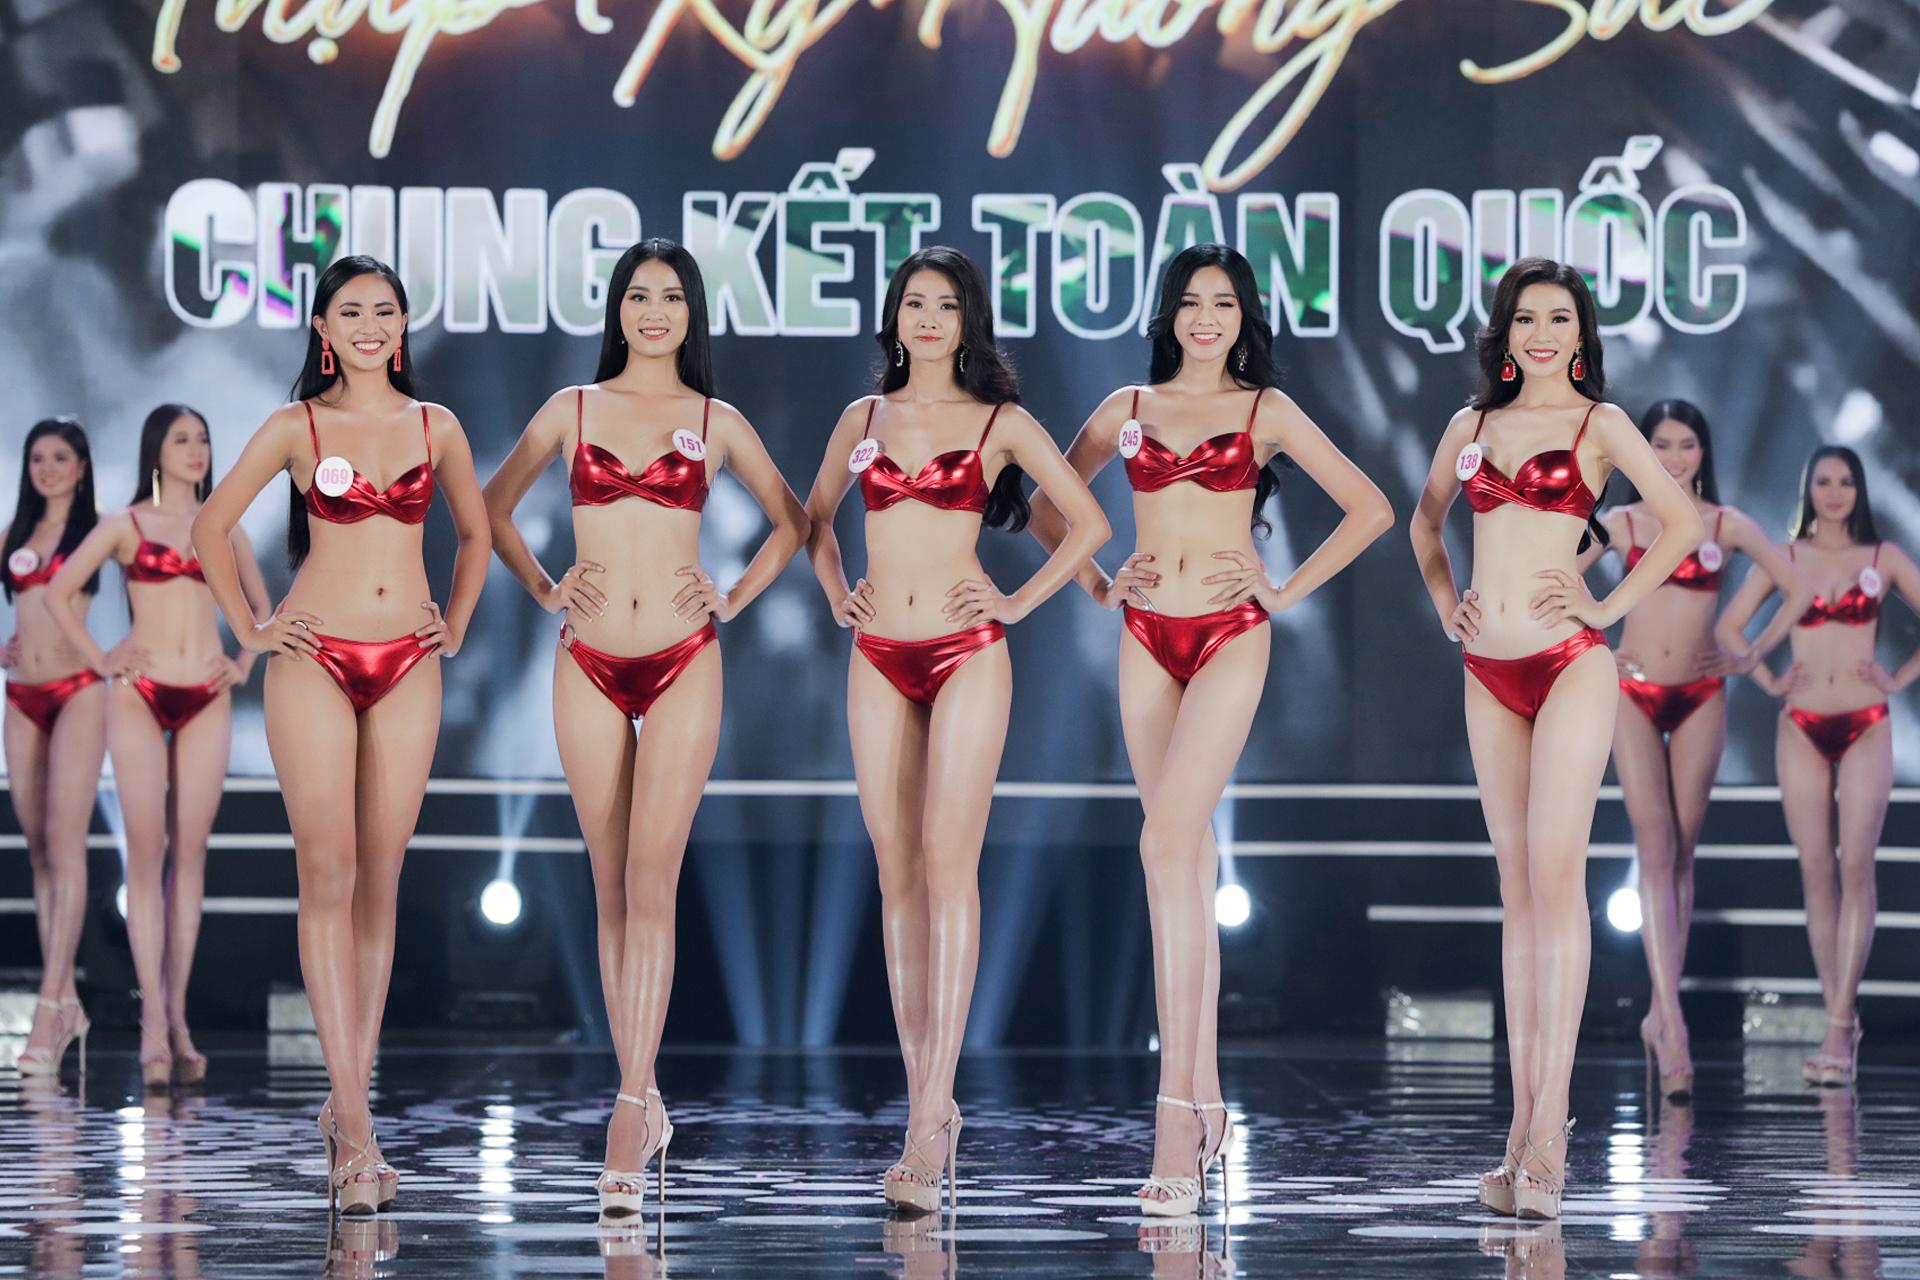 Bóc loạt áo tắm bị chê tả tơi vì xấu tại các cuộc thi Hoa hậu ở Việt Nam, có bộ còn khiến thí sinh lộ hàng ngay tại chỗ - Ảnh 4.